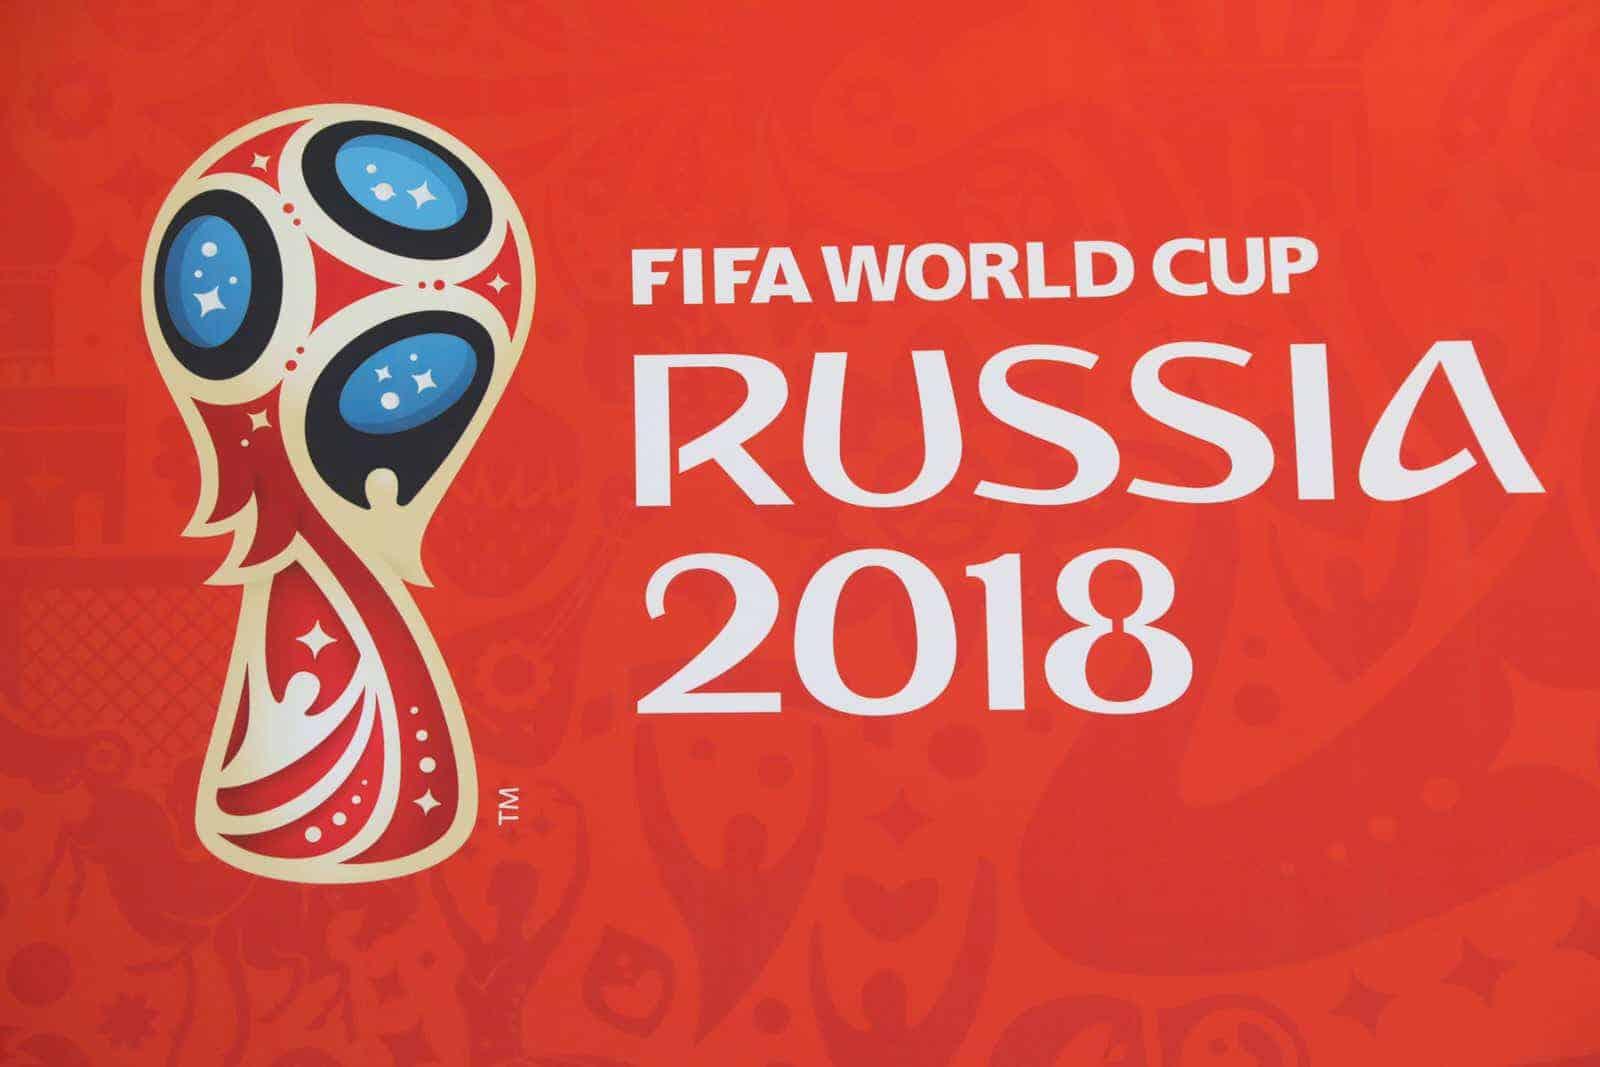 Расписание матчей в Москве во время Чемпионата мира по футболу